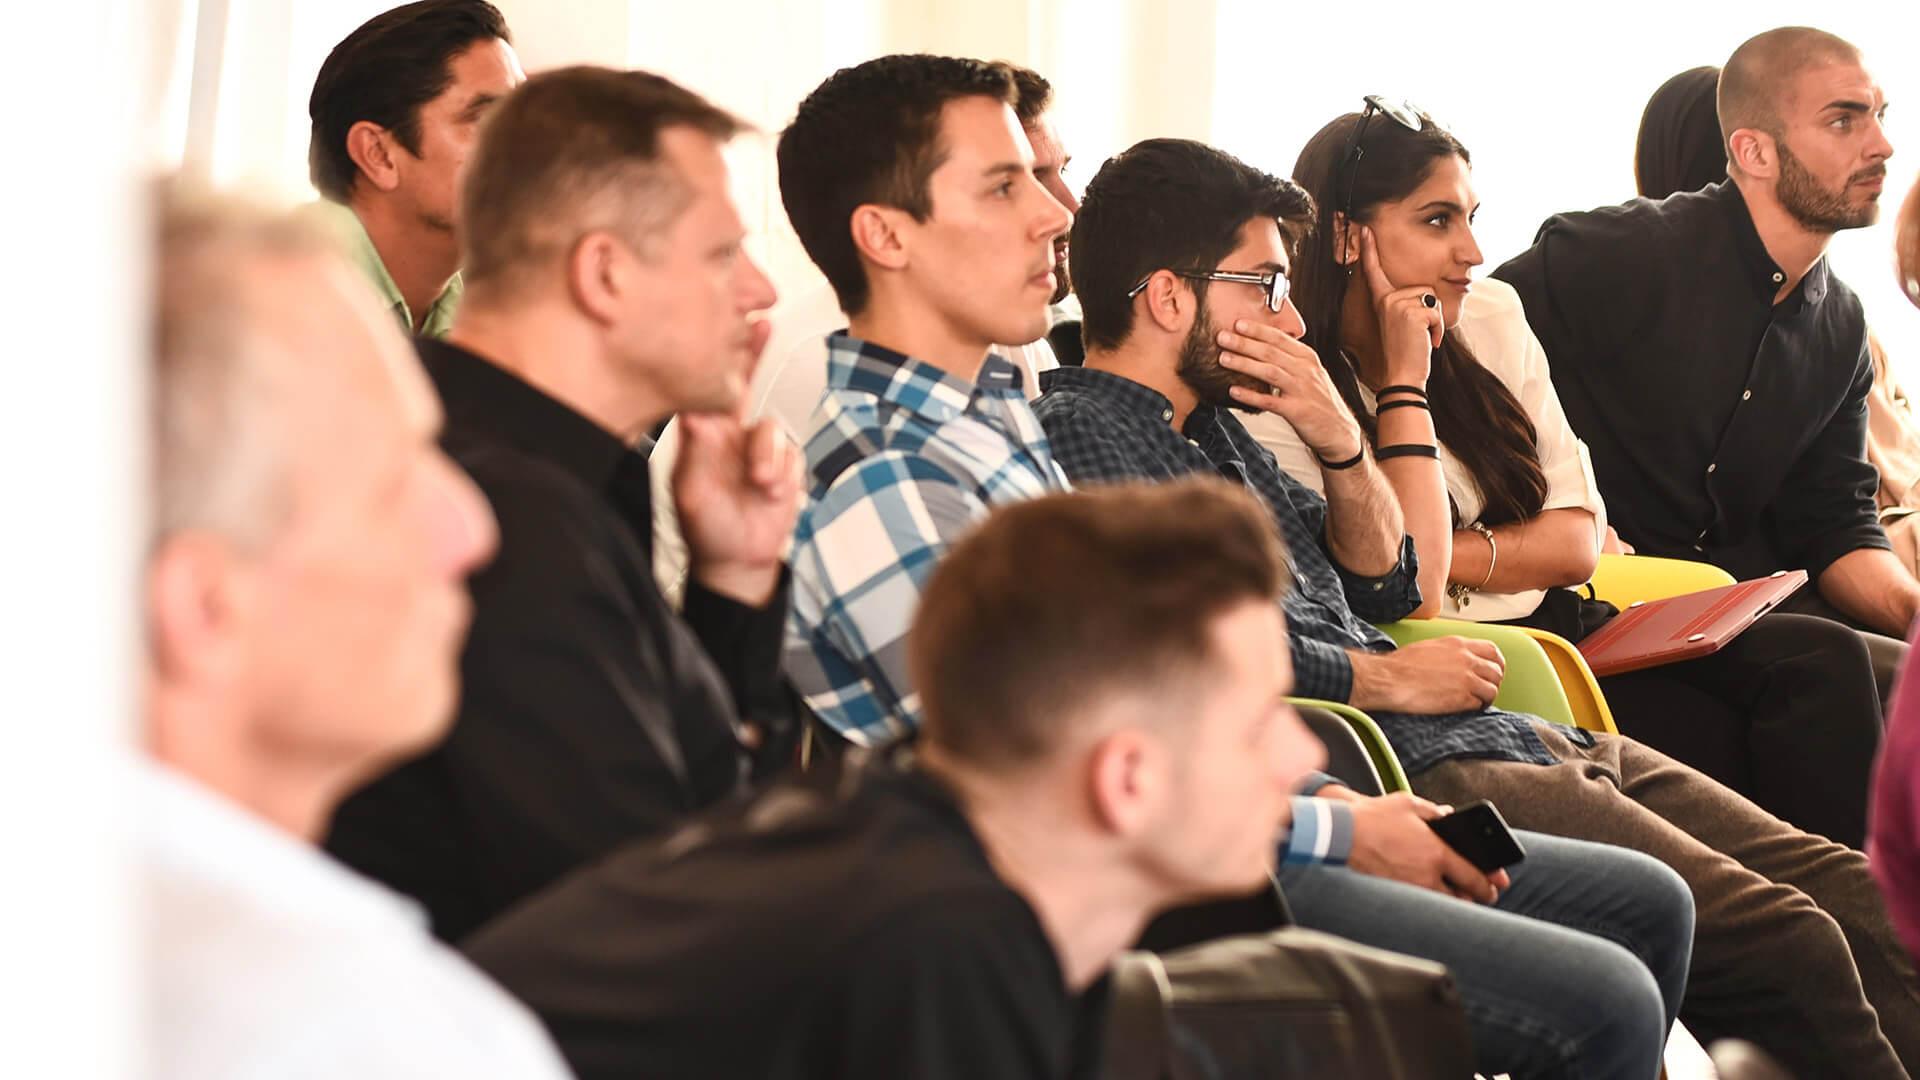 grupo de pessoas numa aula